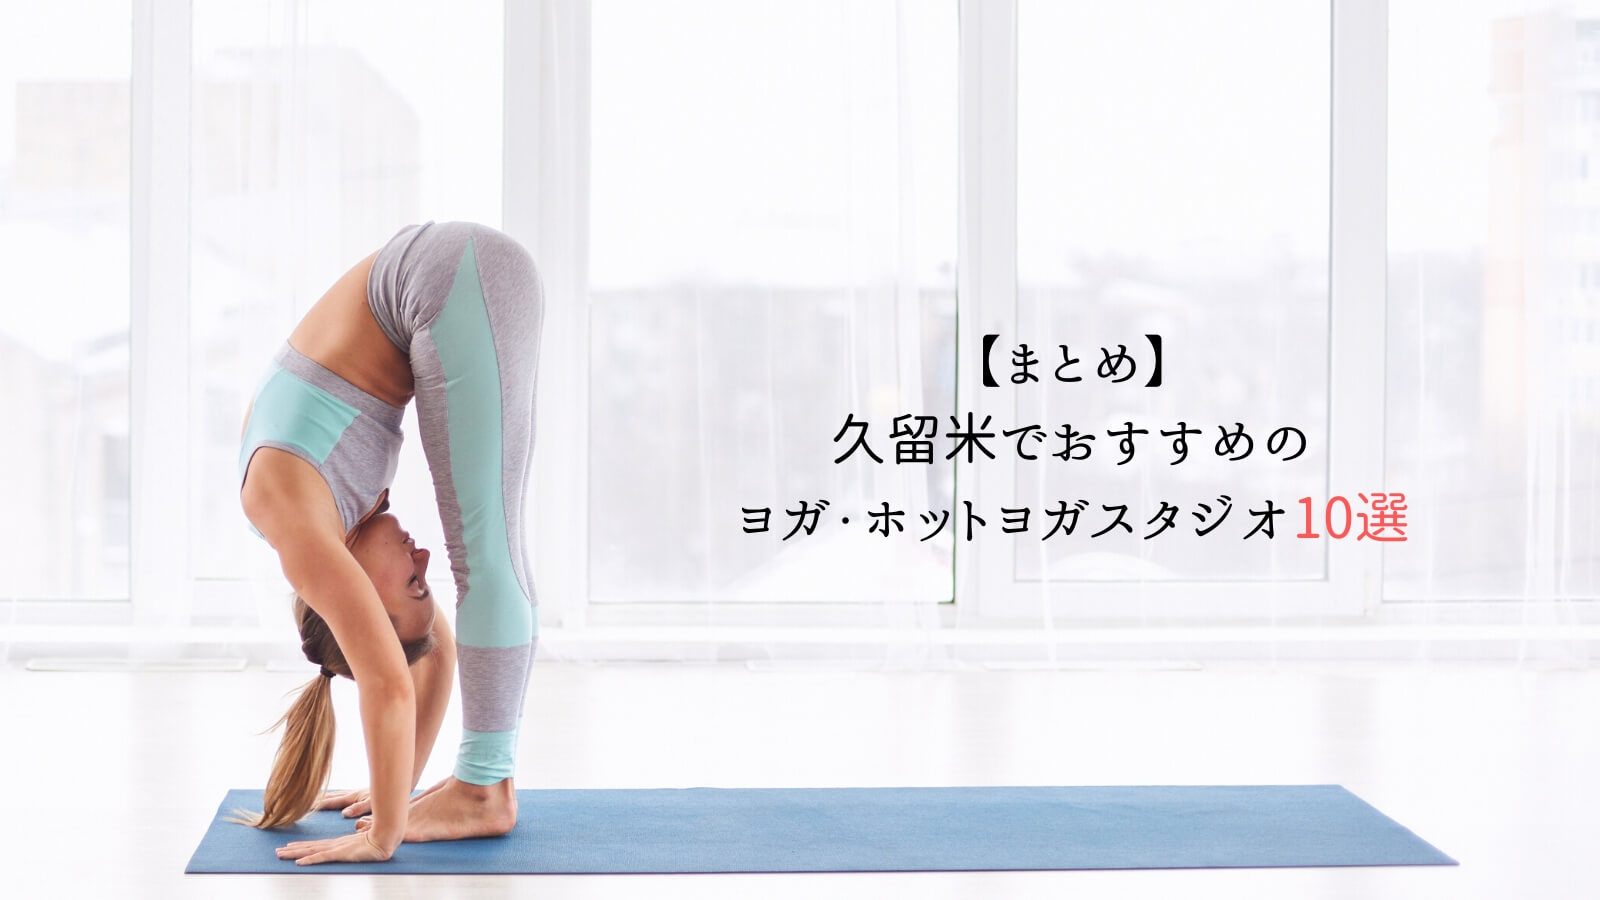 【まとめ】久留米でおすすめのヨガ・ホットヨガスタジオ10選